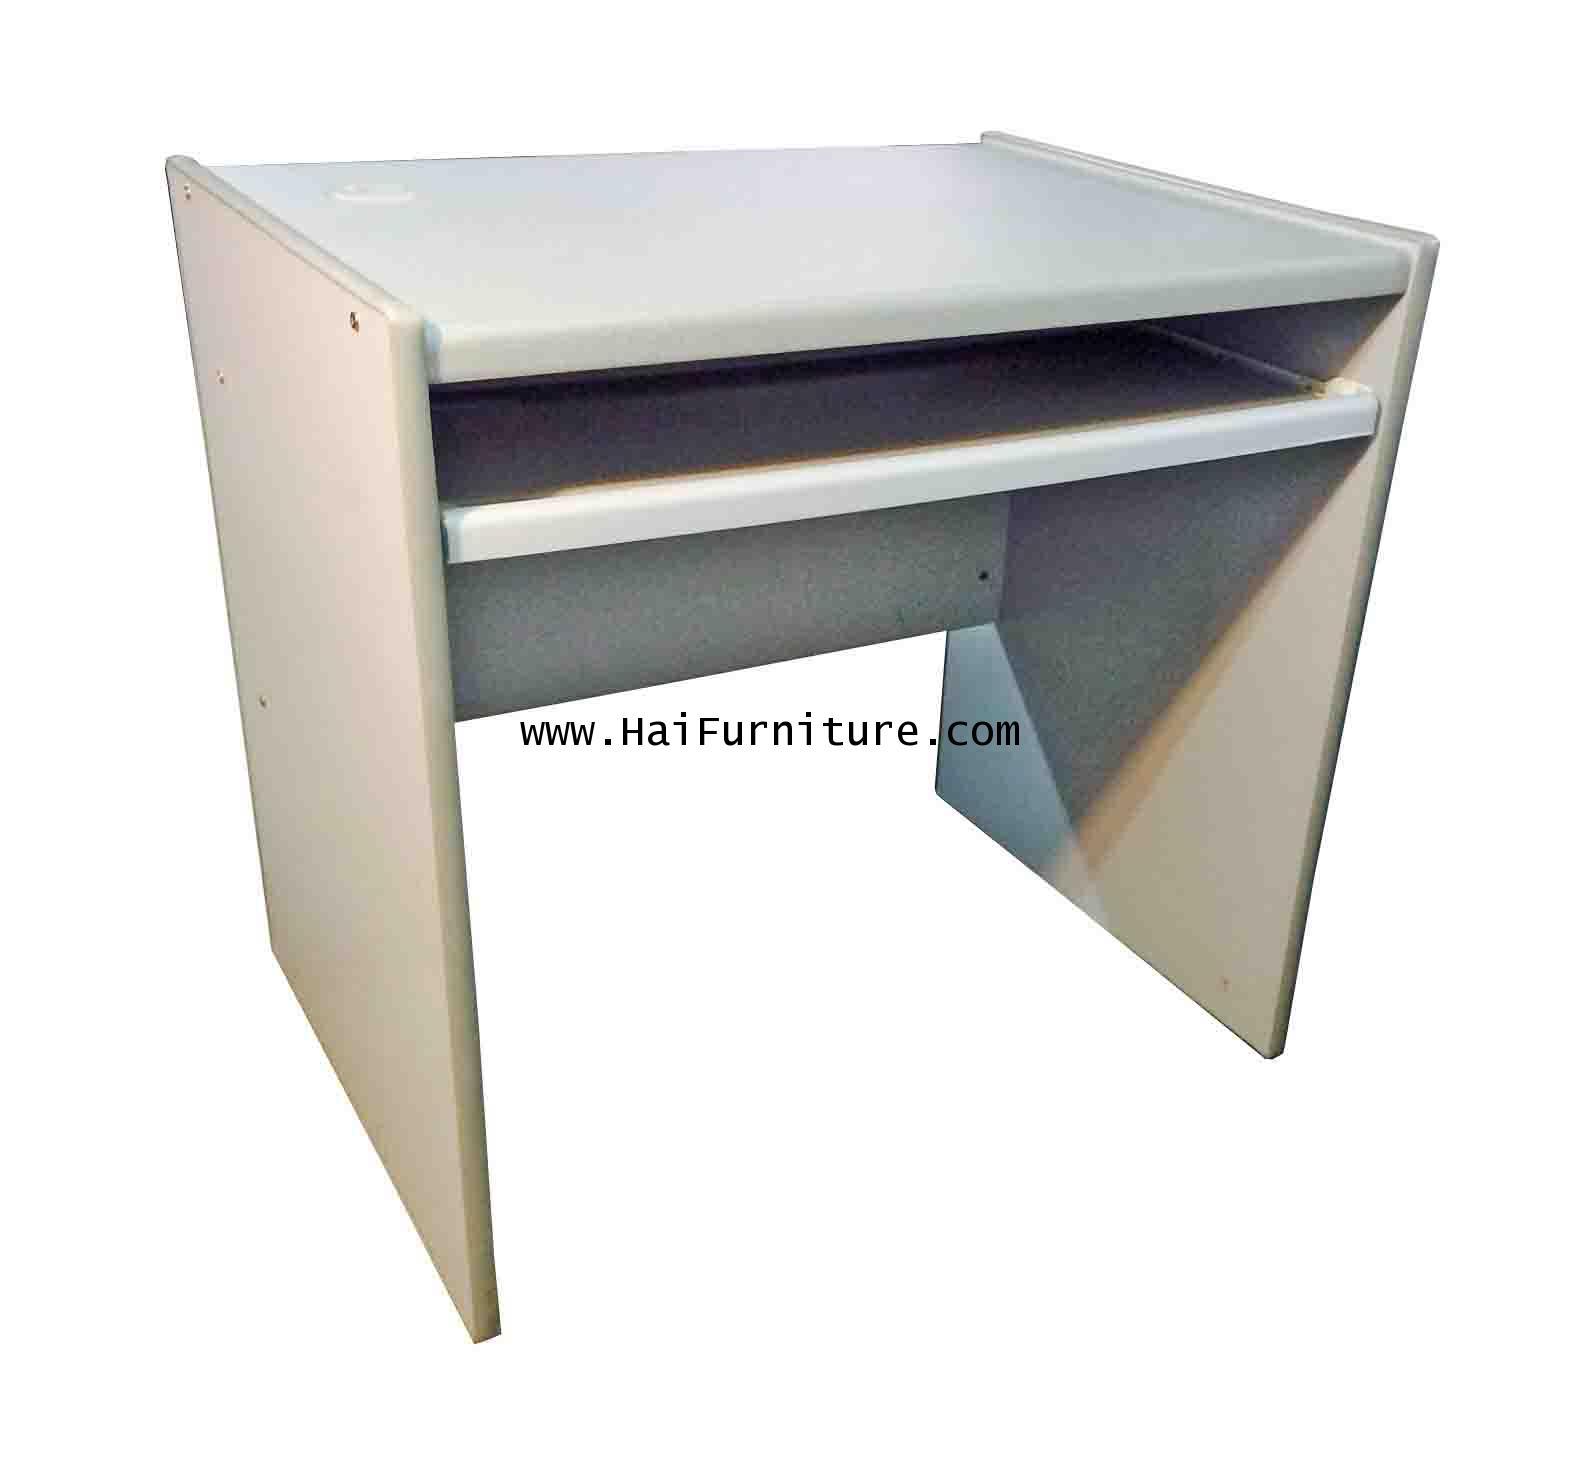 โต๊ะคอมพิวเตอร์ 80 ซม. PVC ทรายเทา